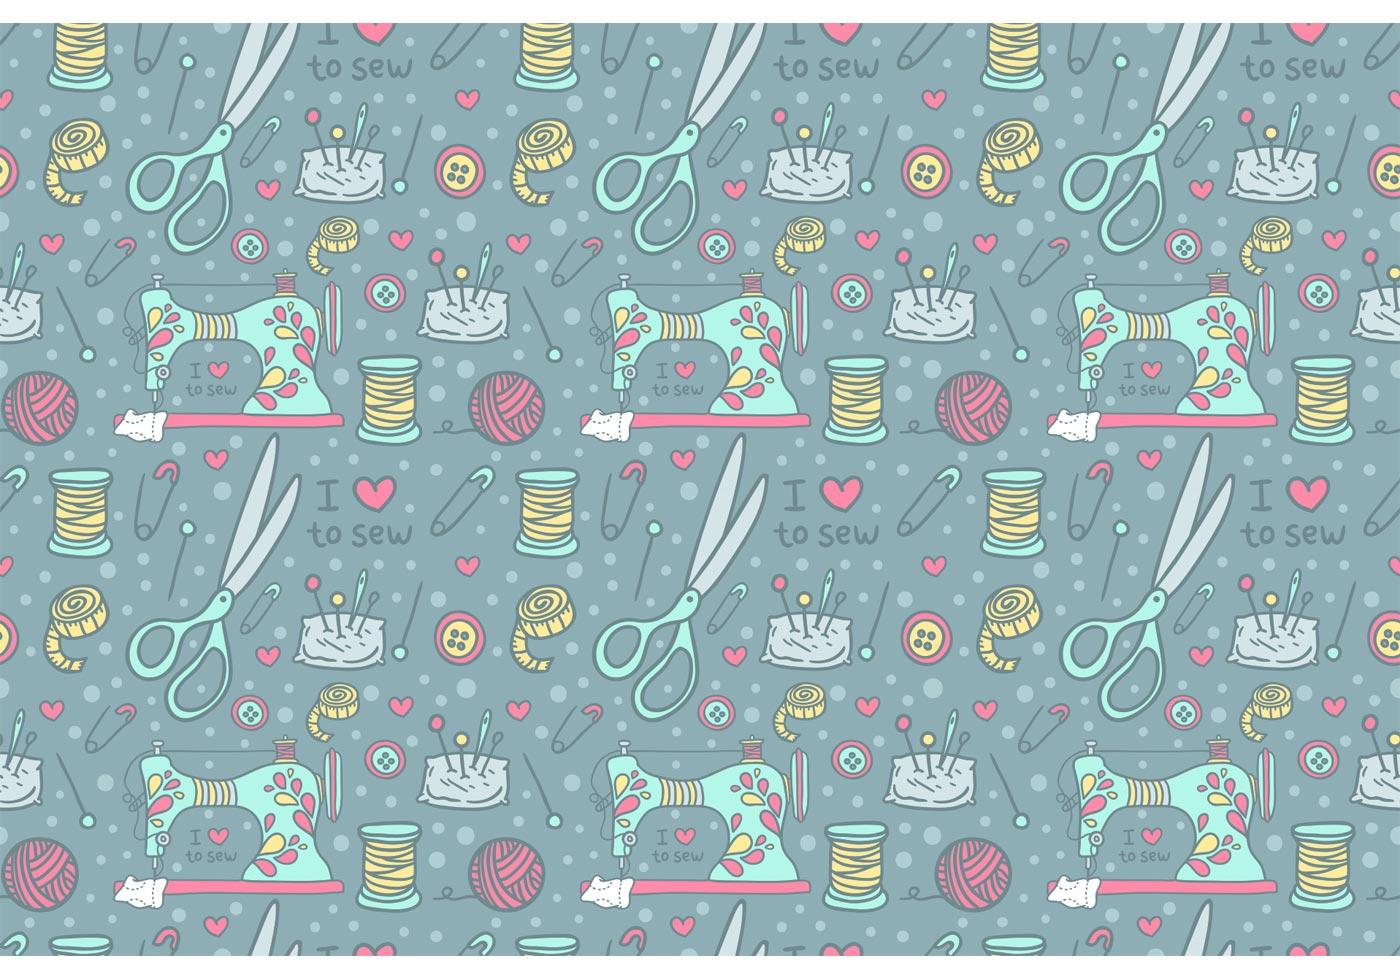 sewing machine patterns